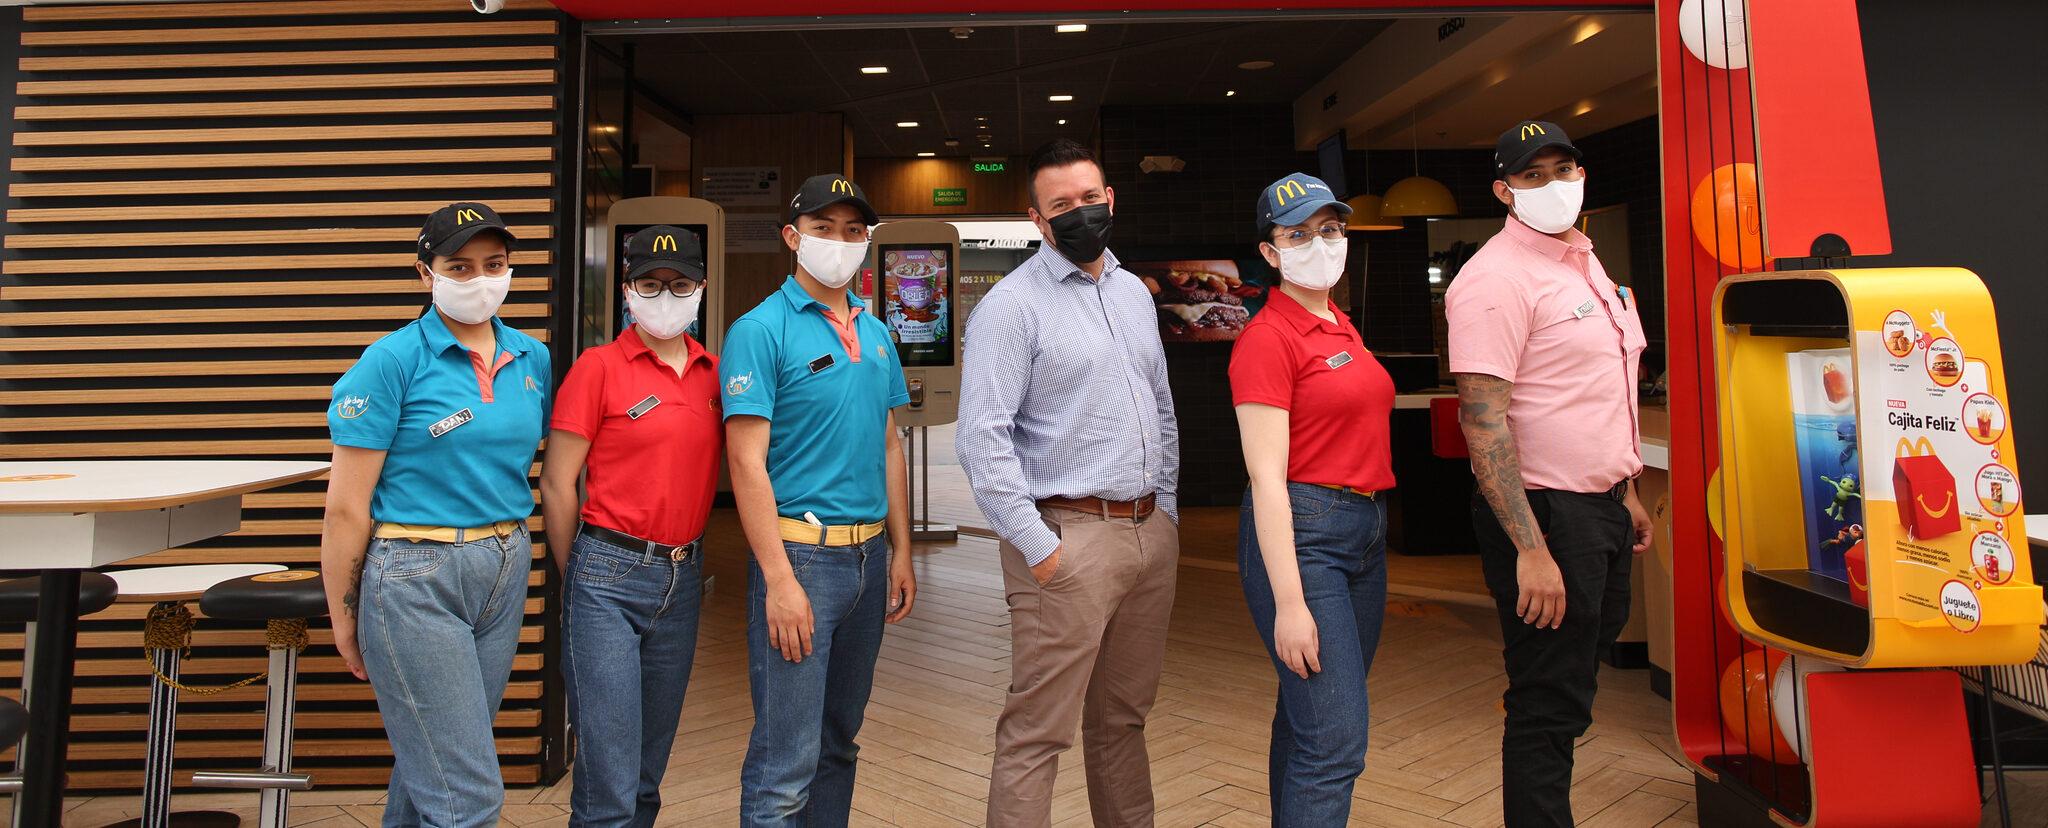 [Colombia] McDonald's Colombia busca jóvenes apasionados por el café para trabajar en sus McCafé.